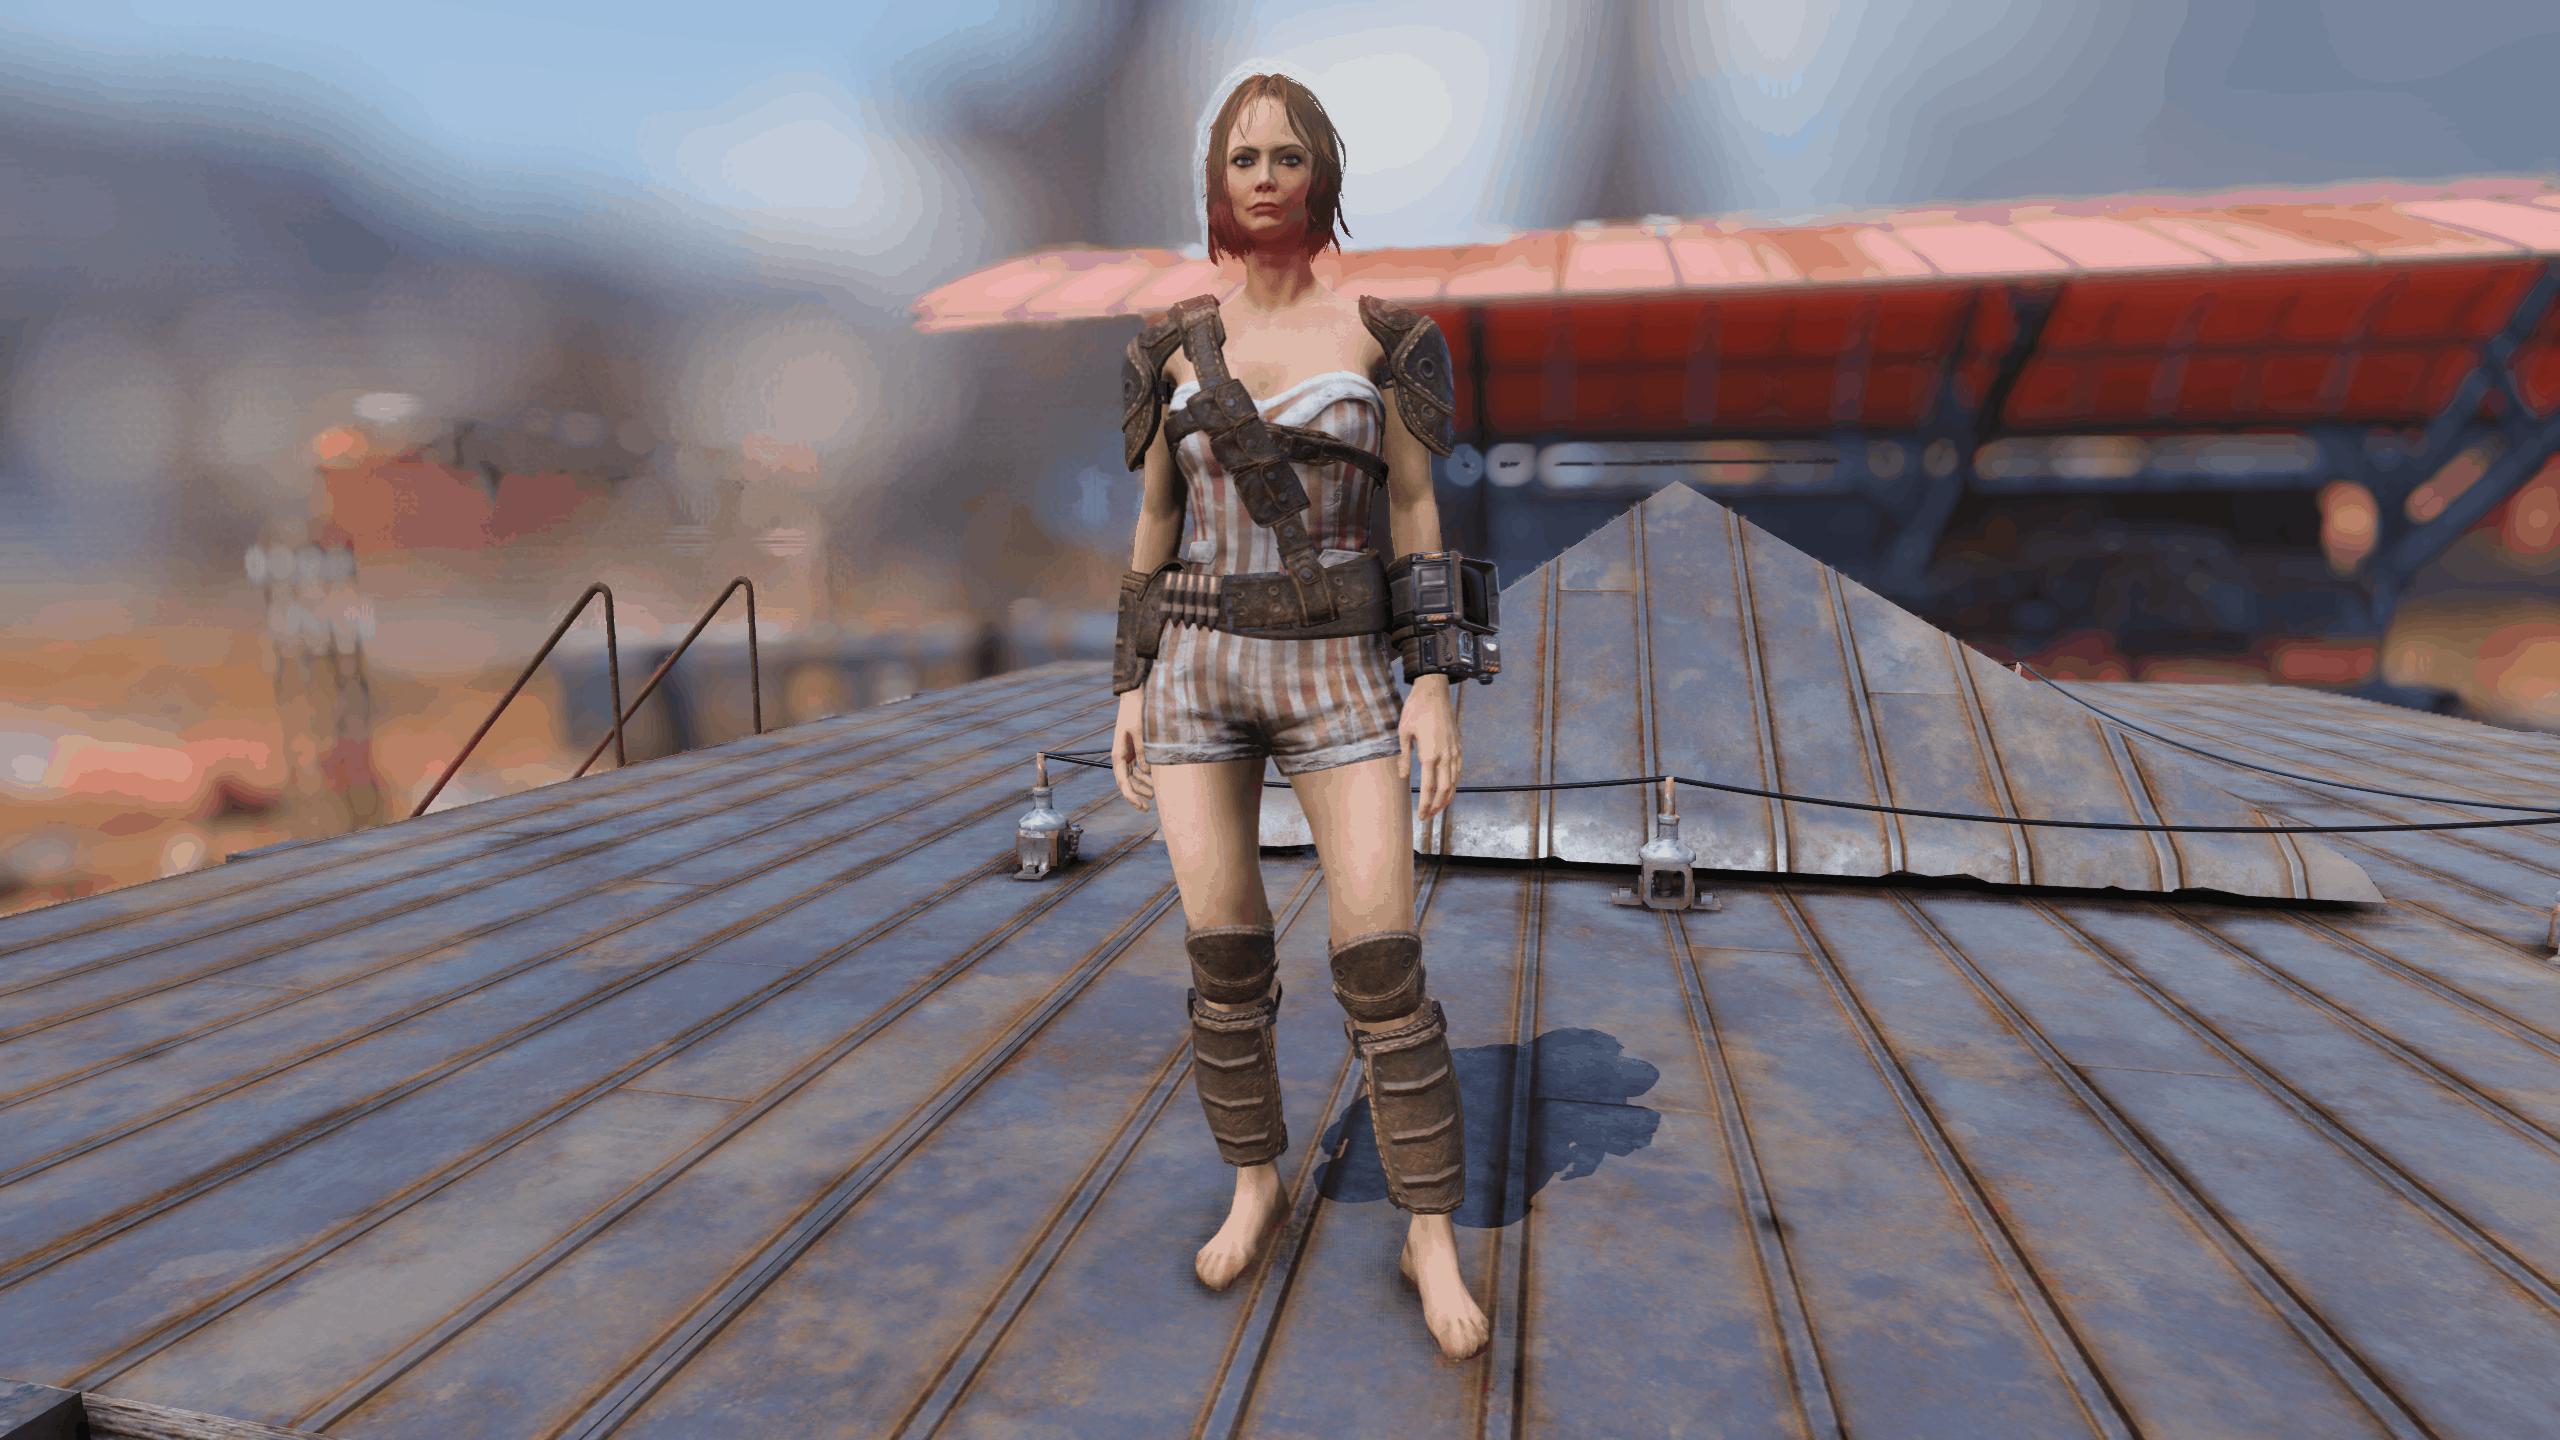 Vault (Swim) Suit - Fallout 76 Mod download